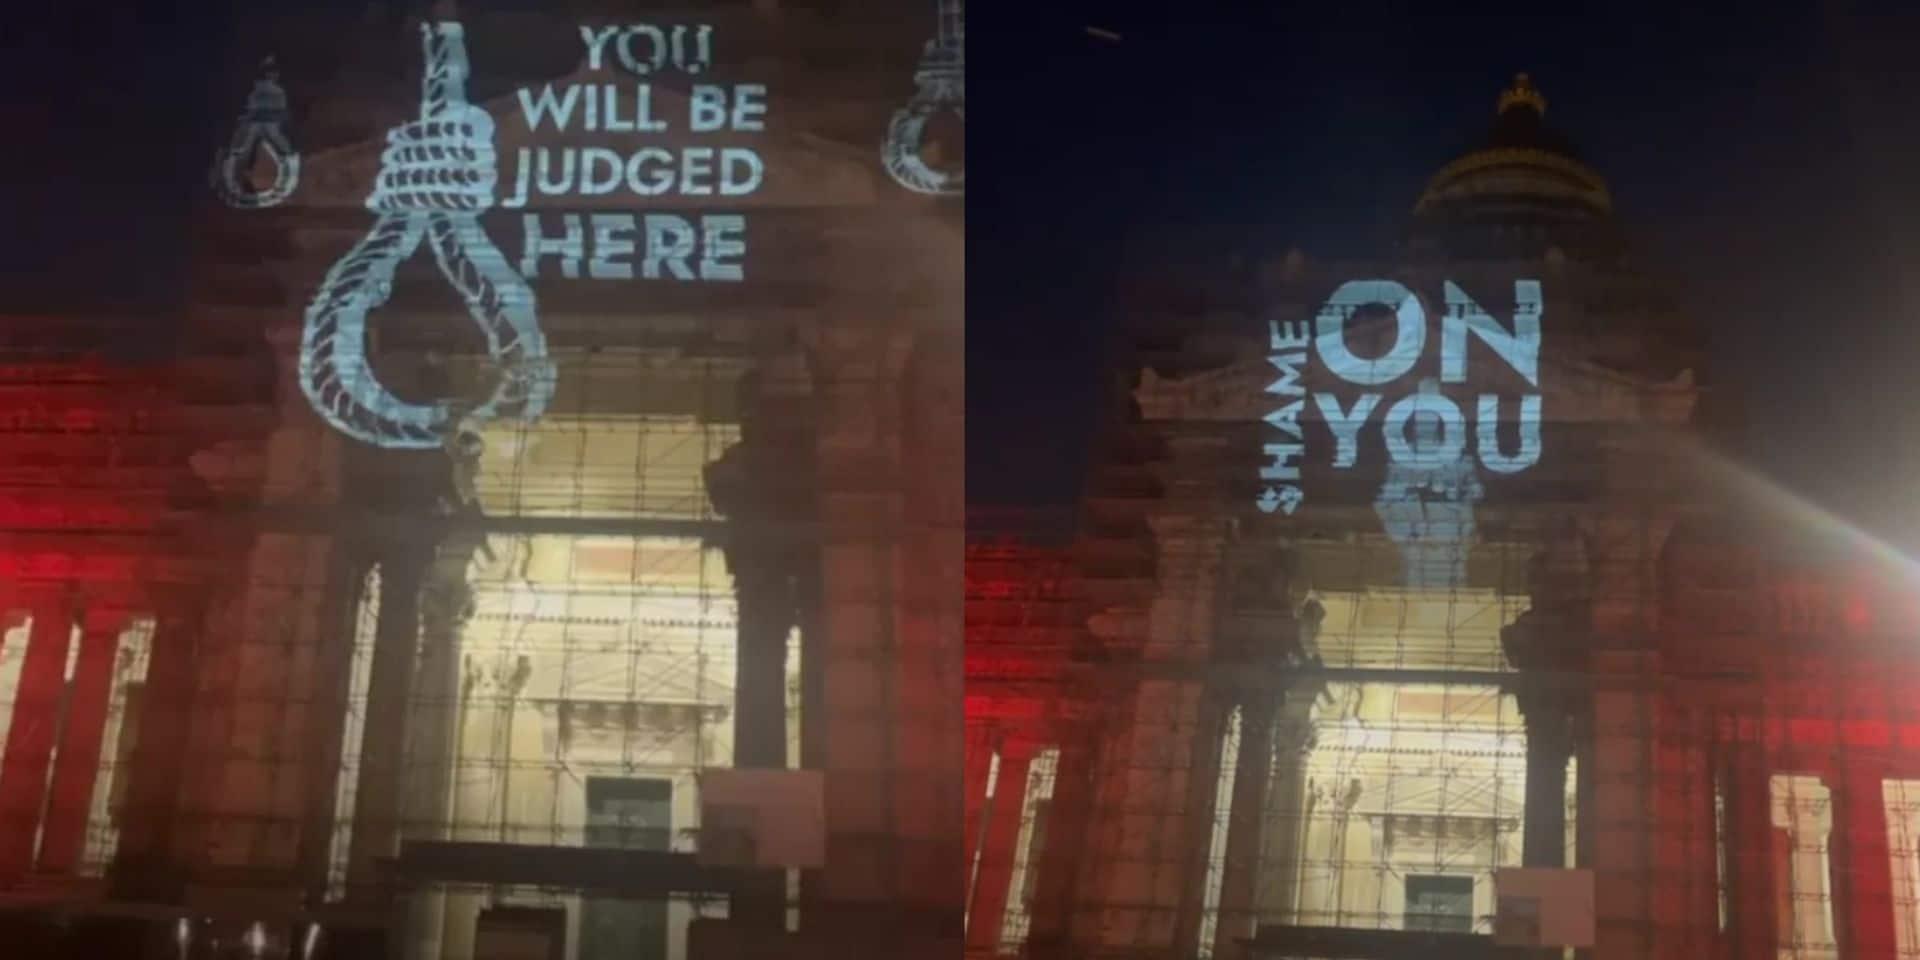 Un message sanglant de protestation projeté sur le Palais de Justice de Bruxelles